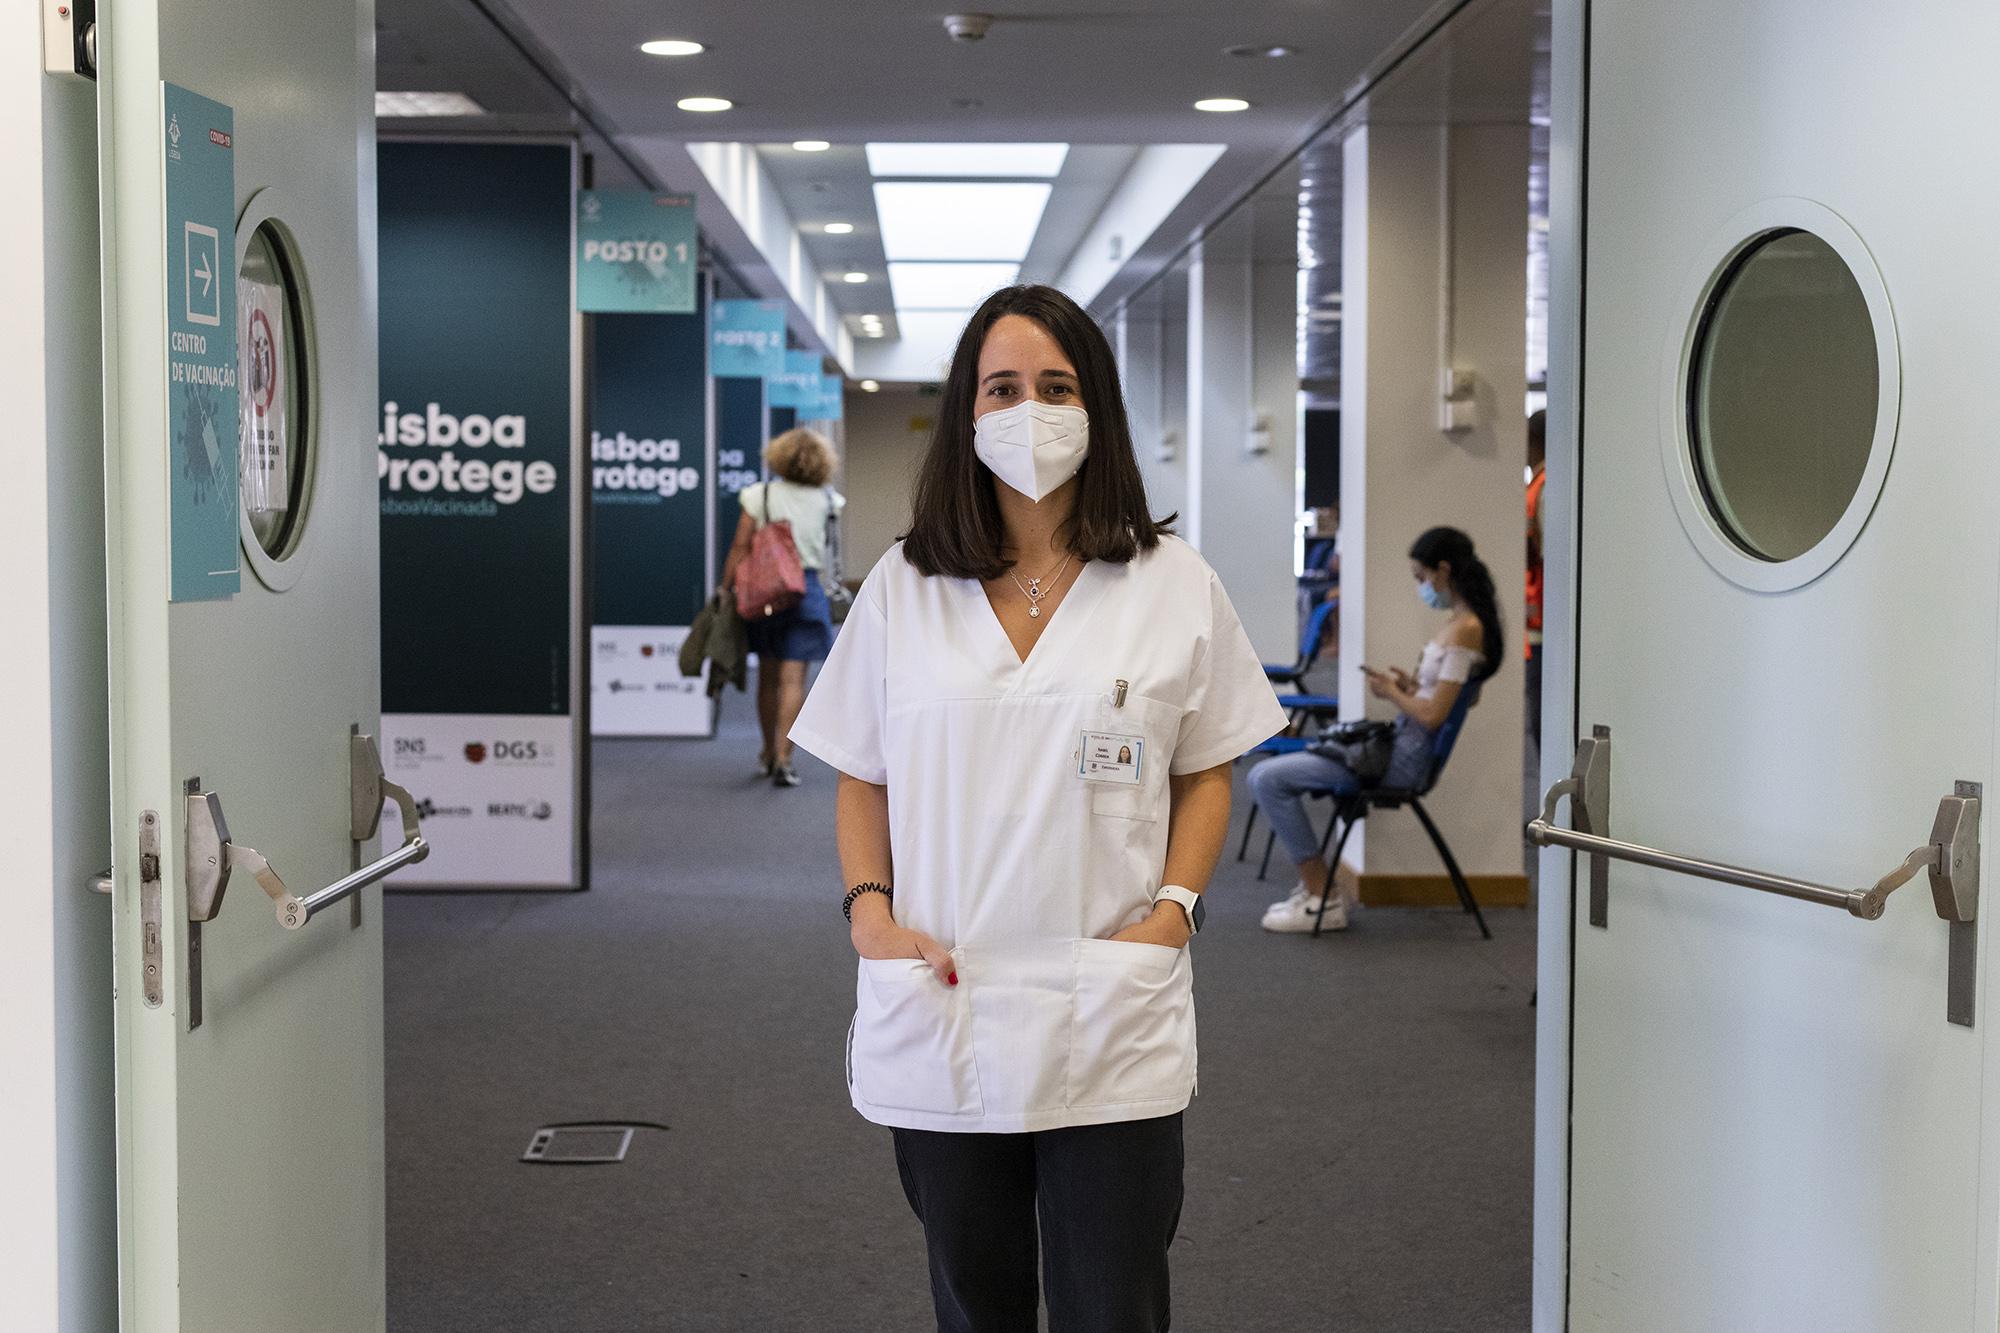 Centro de Vacinação do Parque das Nações - 07SET21